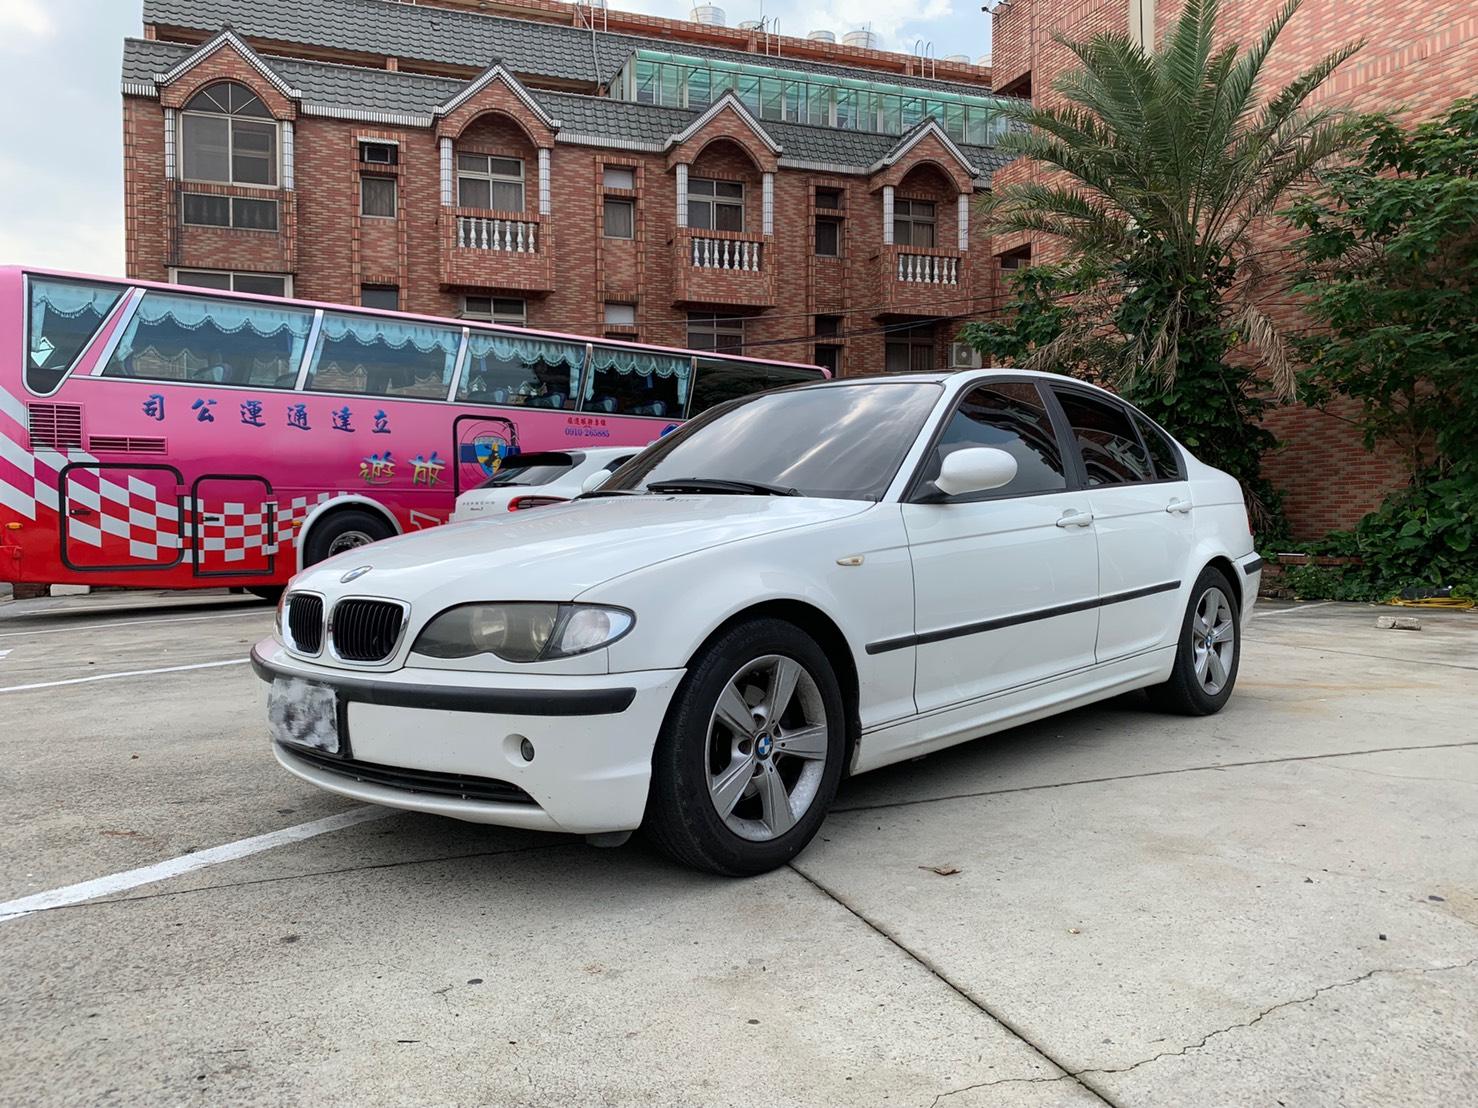 2003 BMW 寶馬 3 series sedan